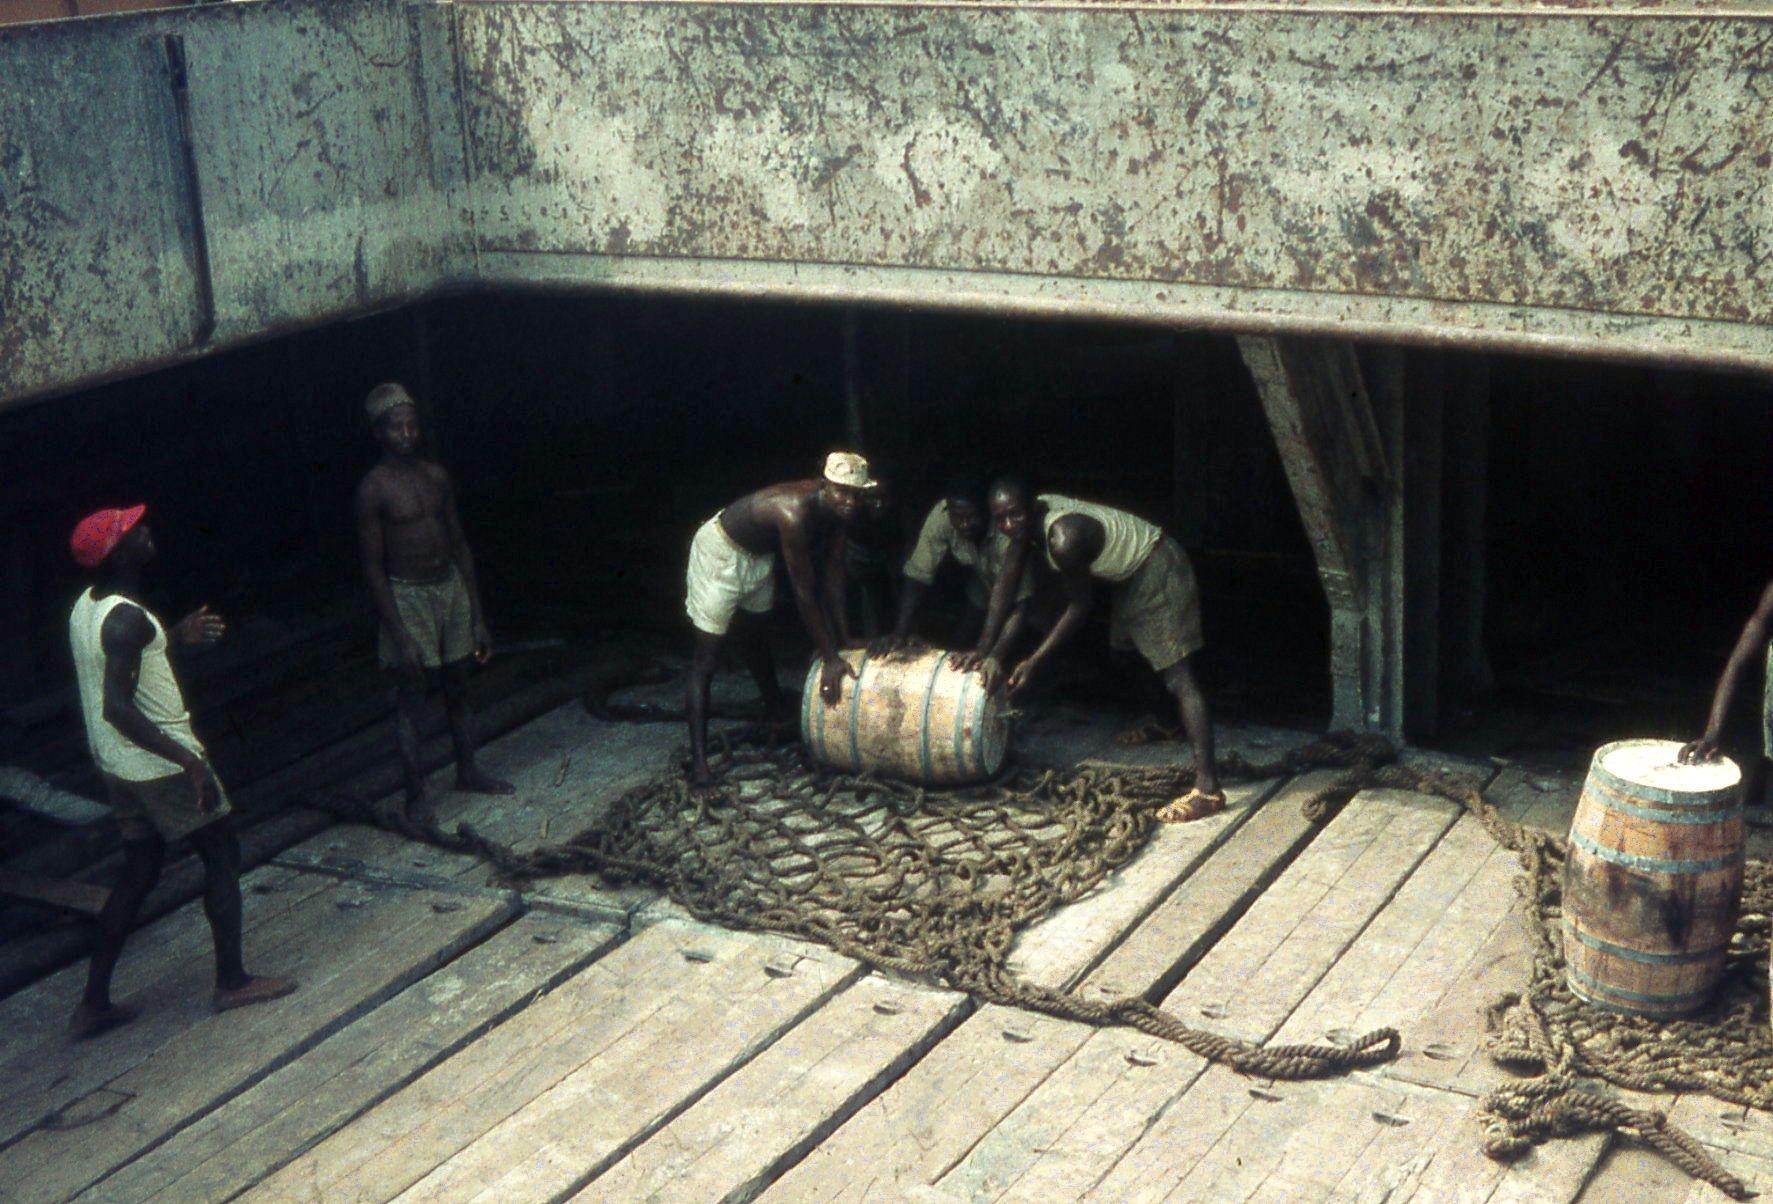 nloadingbarrelsfromaship,ccra,circa1958